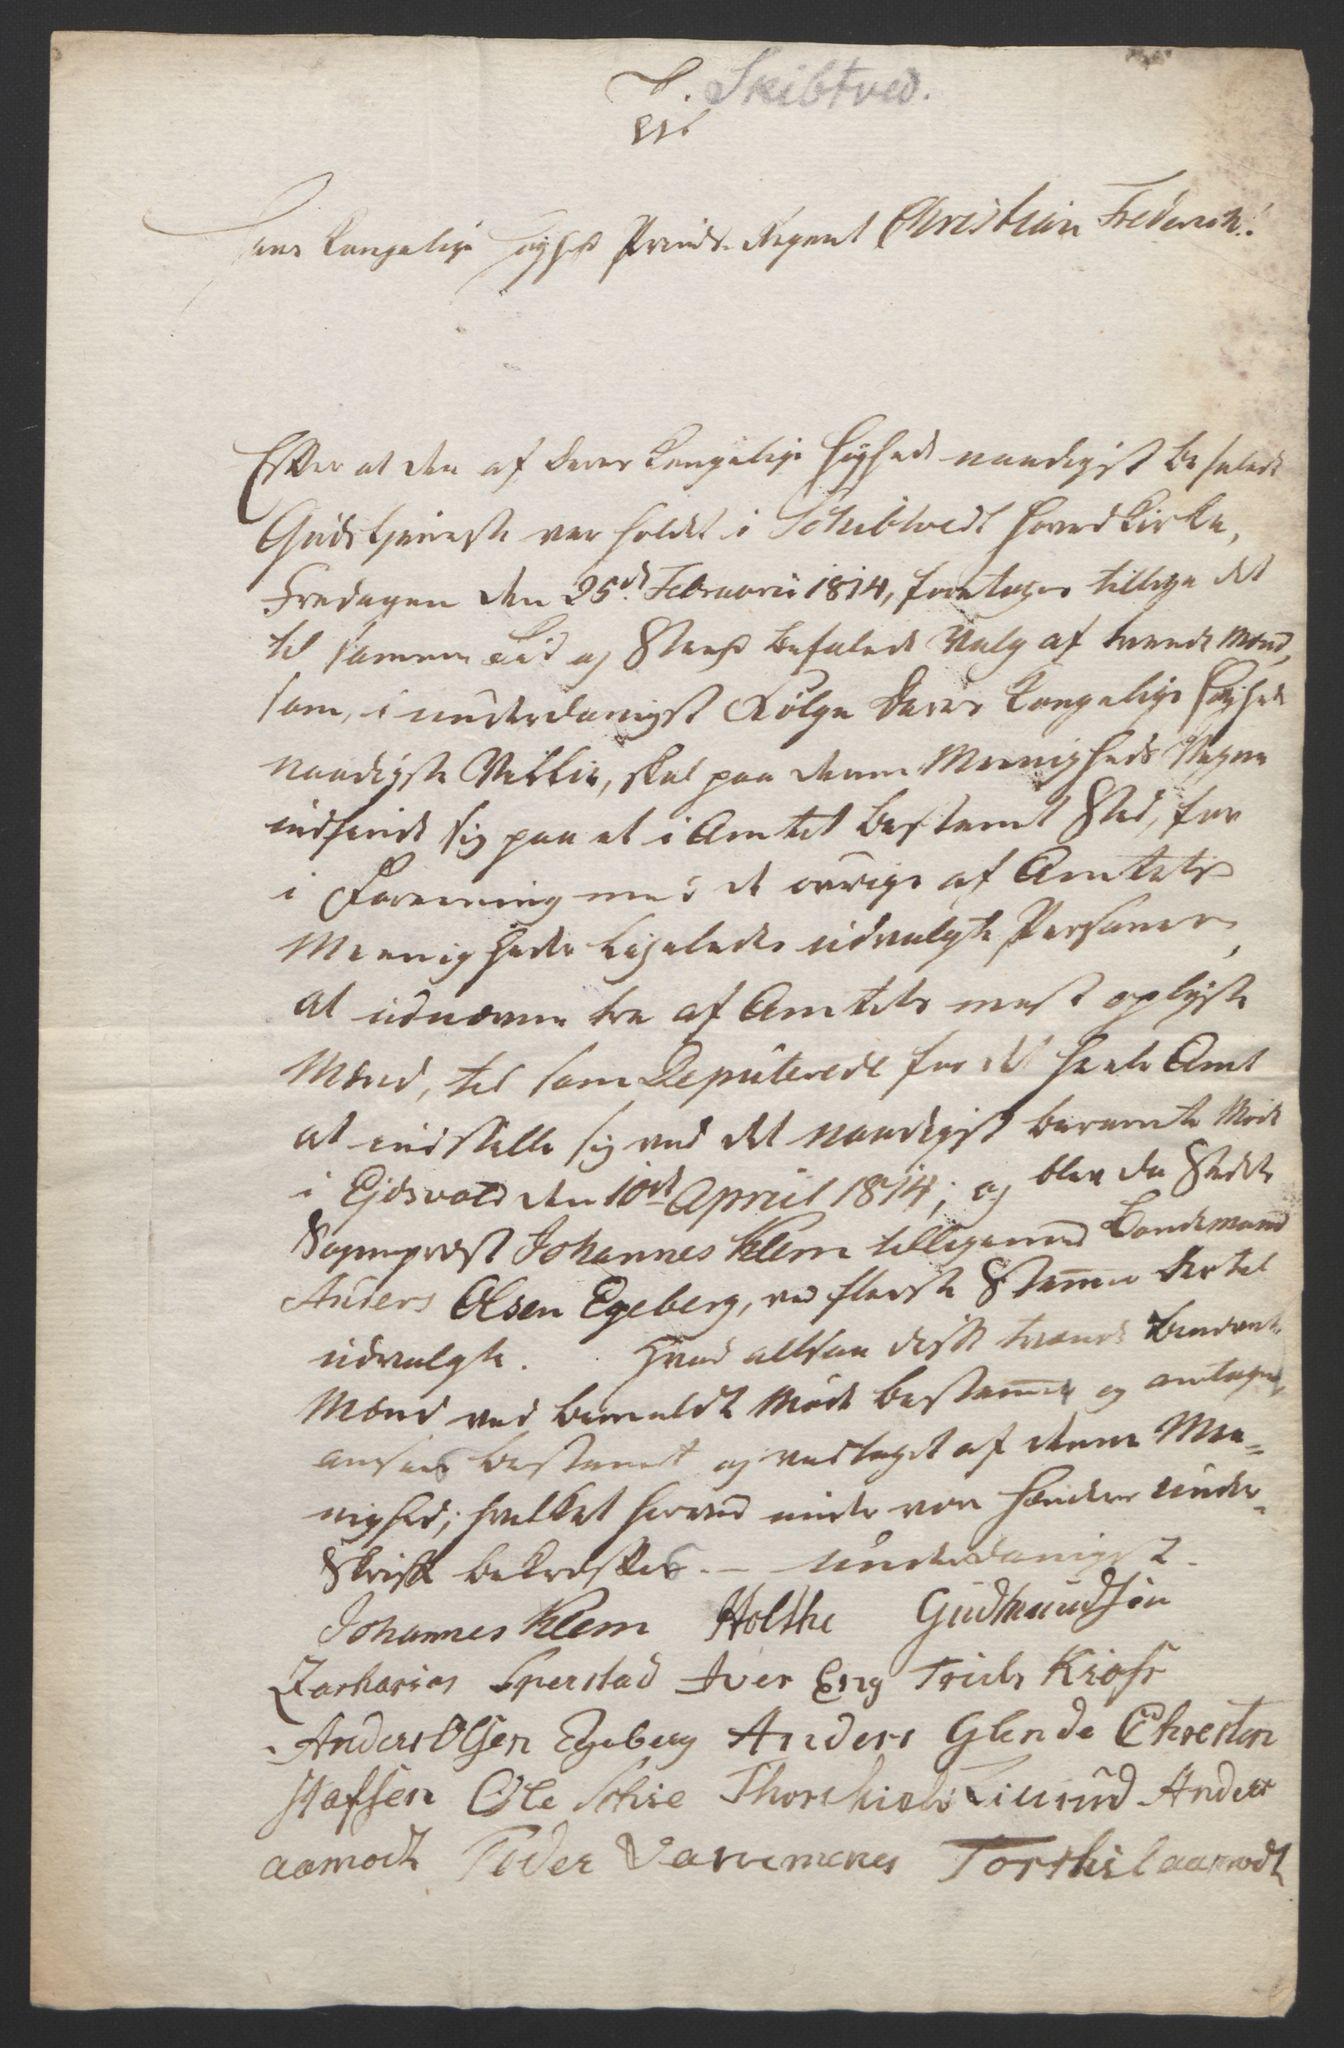 RA, Statsrådssekretariatet, D/Db/L0007: Fullmakter for Eidsvollsrepresentantene i 1814. , 1814, s. 164